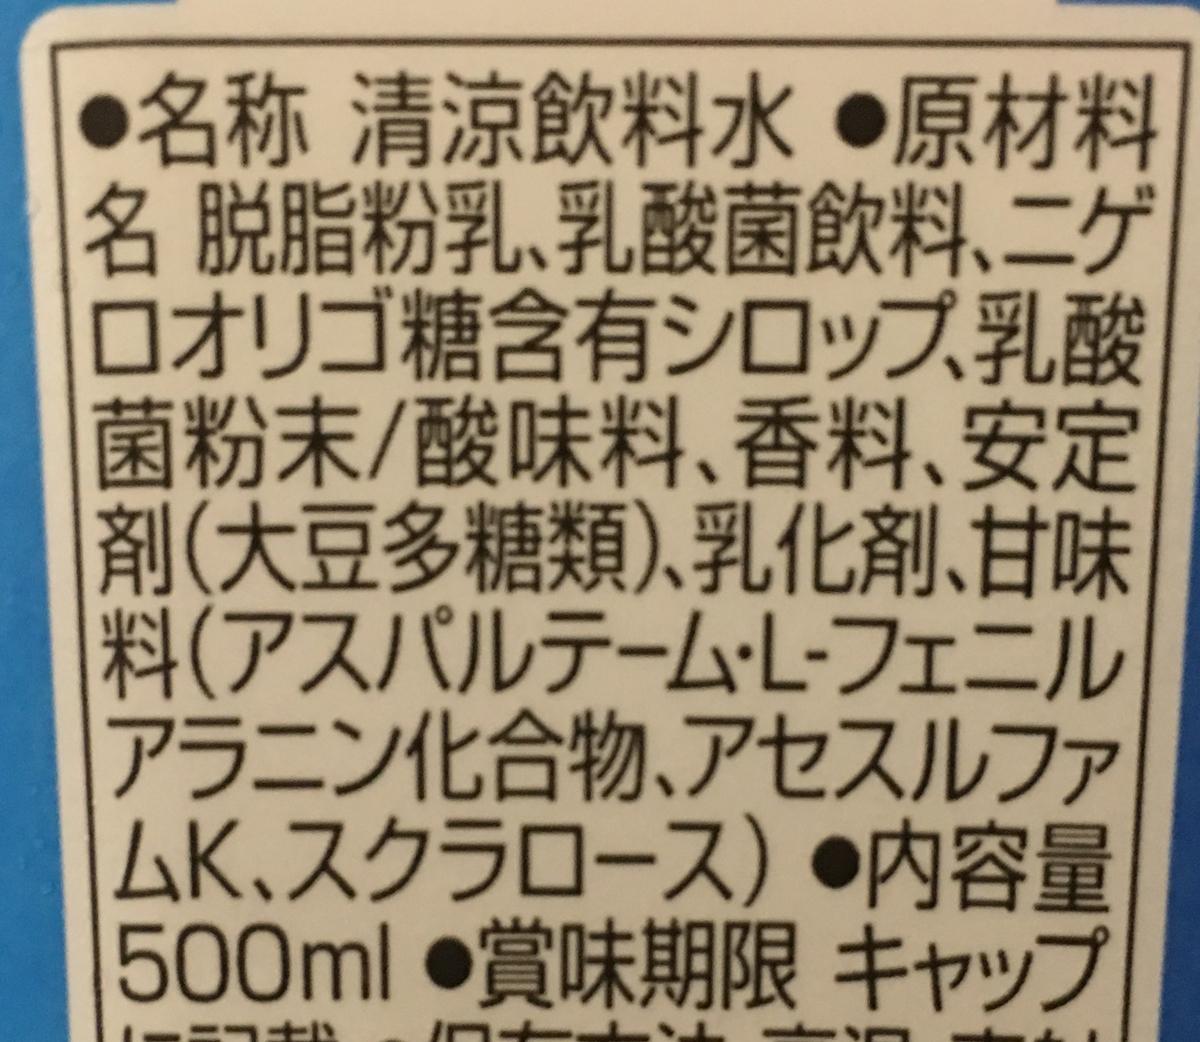 f:id:YOSHIO1010:20190629000054j:plain